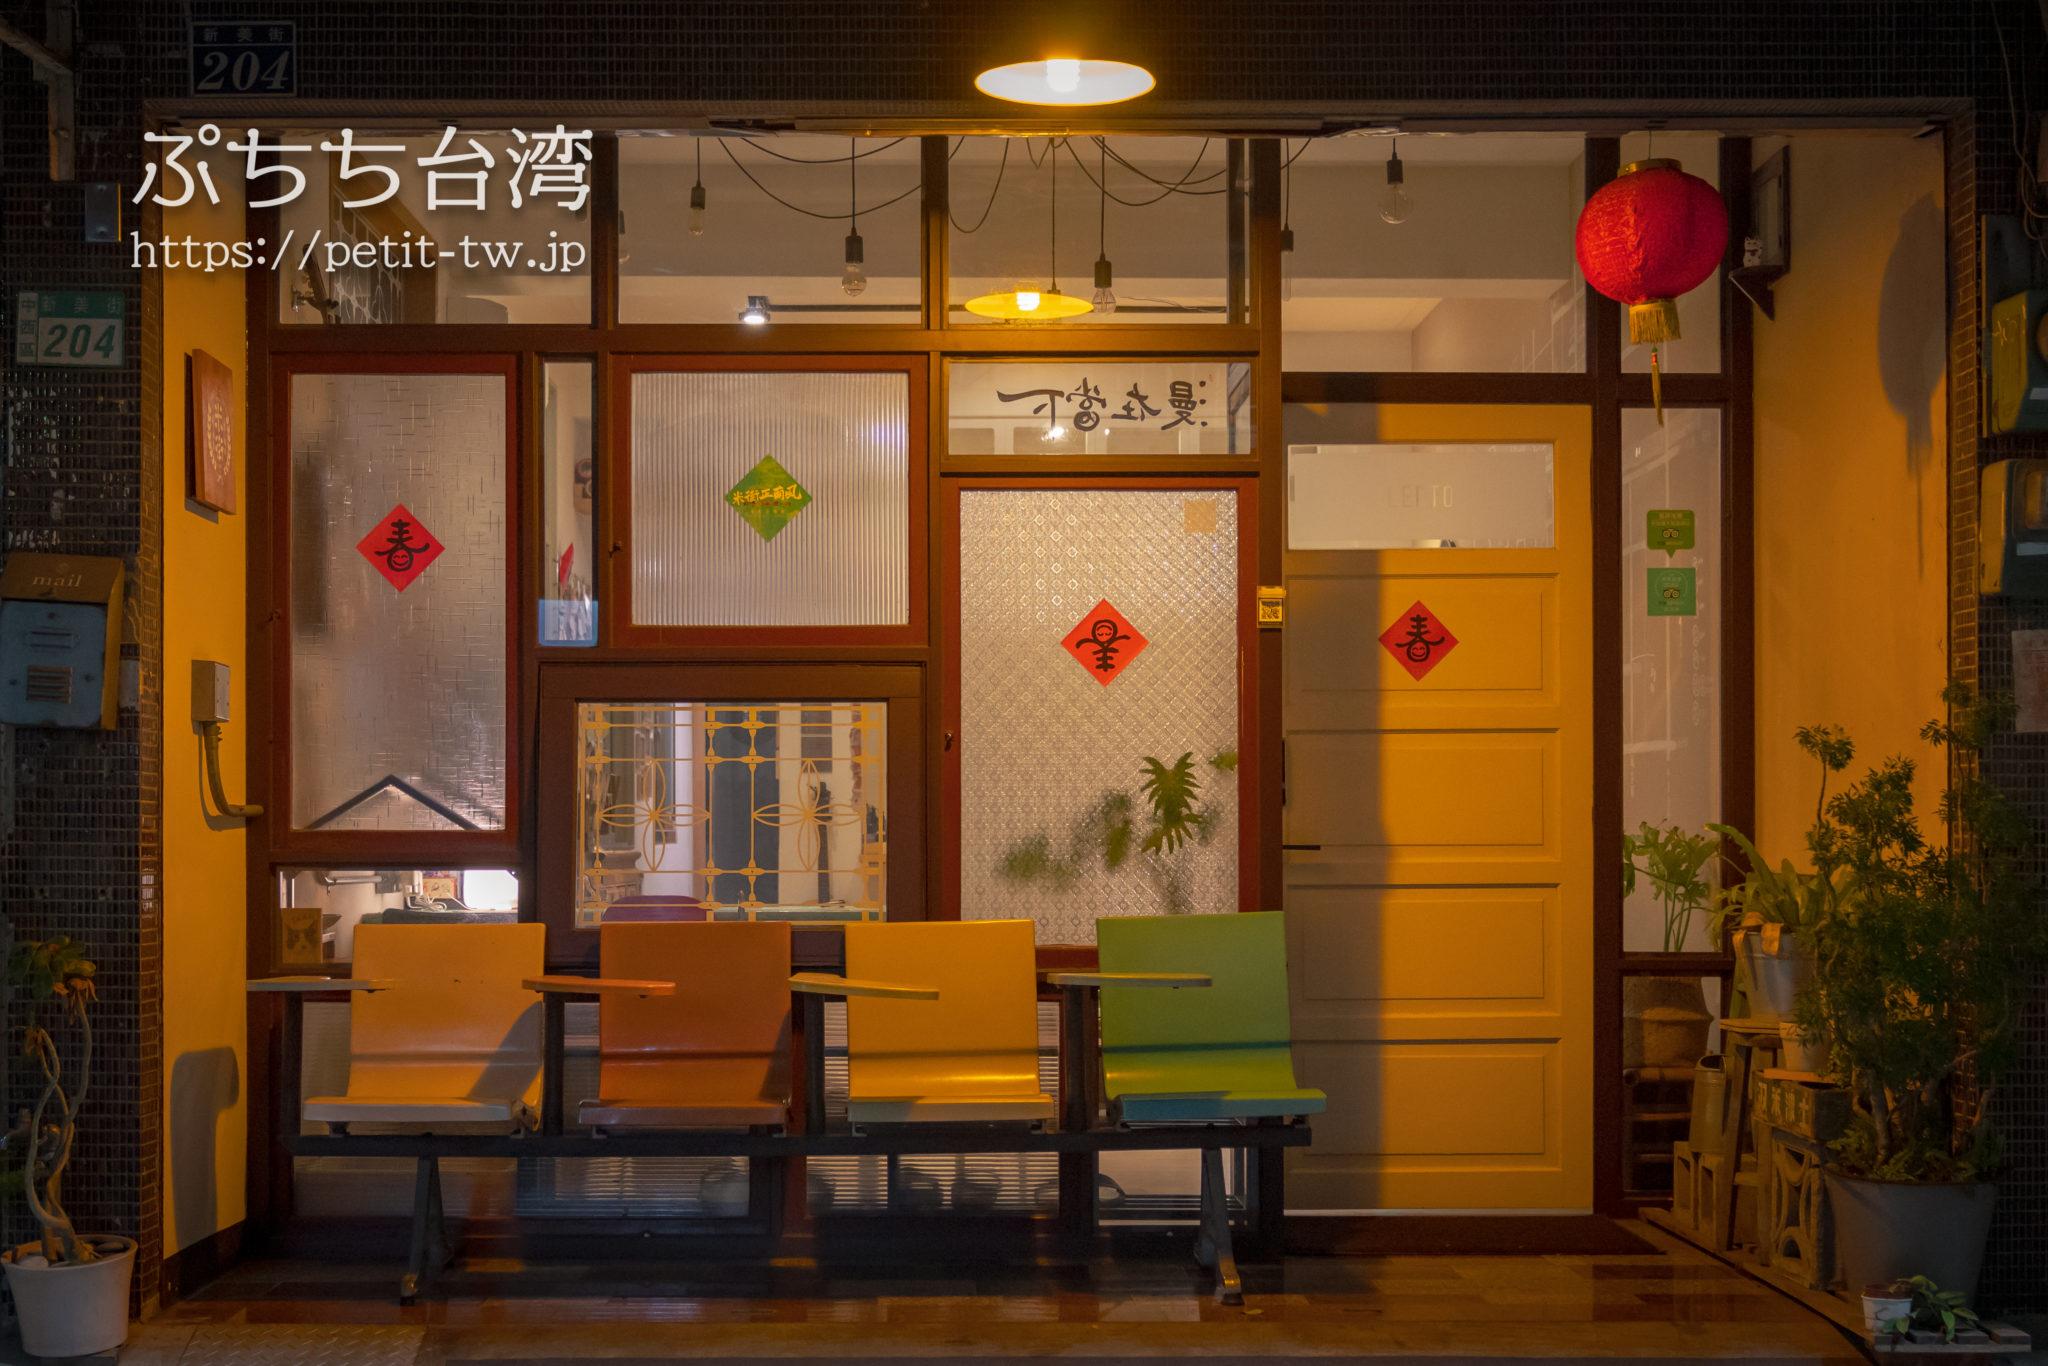 漫半拍 Lento Hostel台南の外観